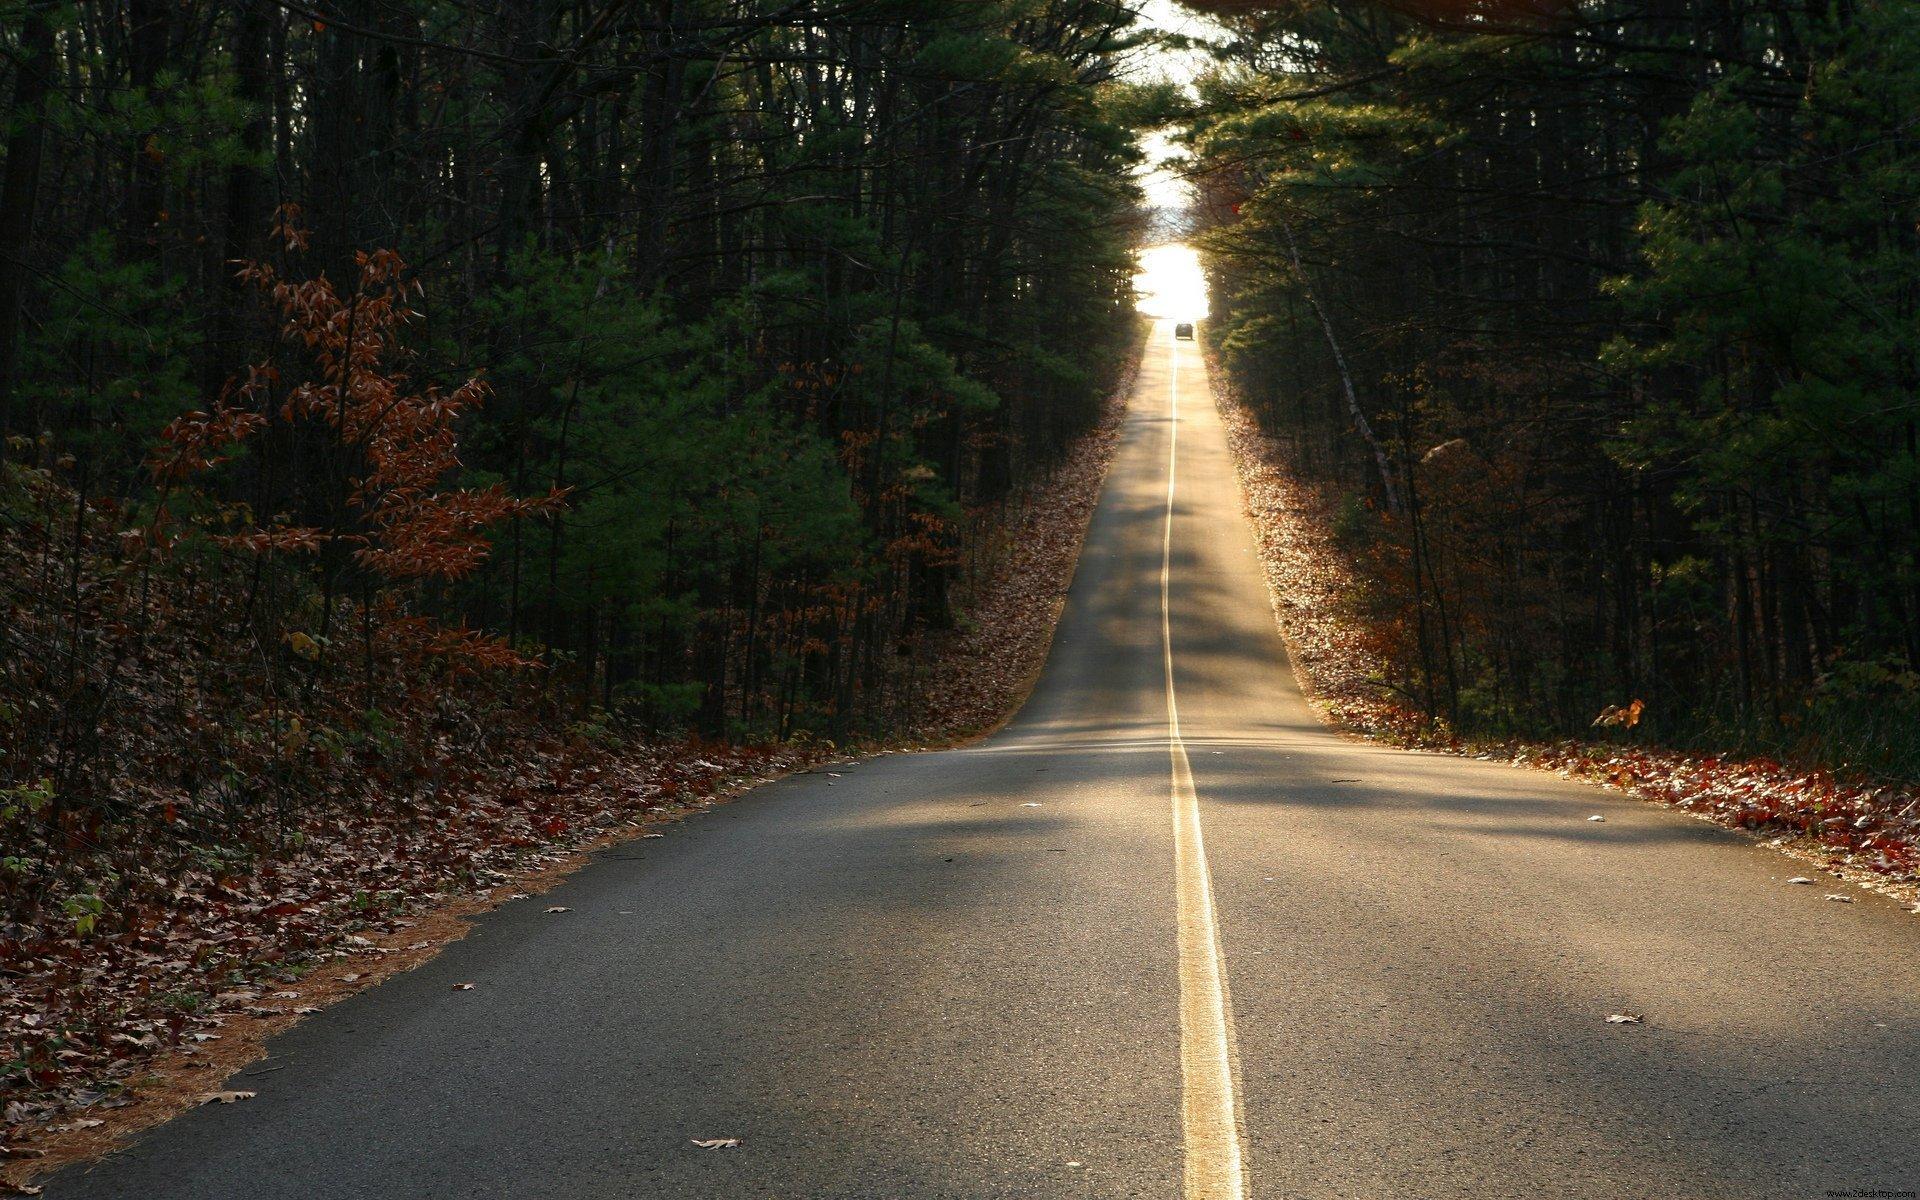 Картинки дорога в даль, марта нарисовано